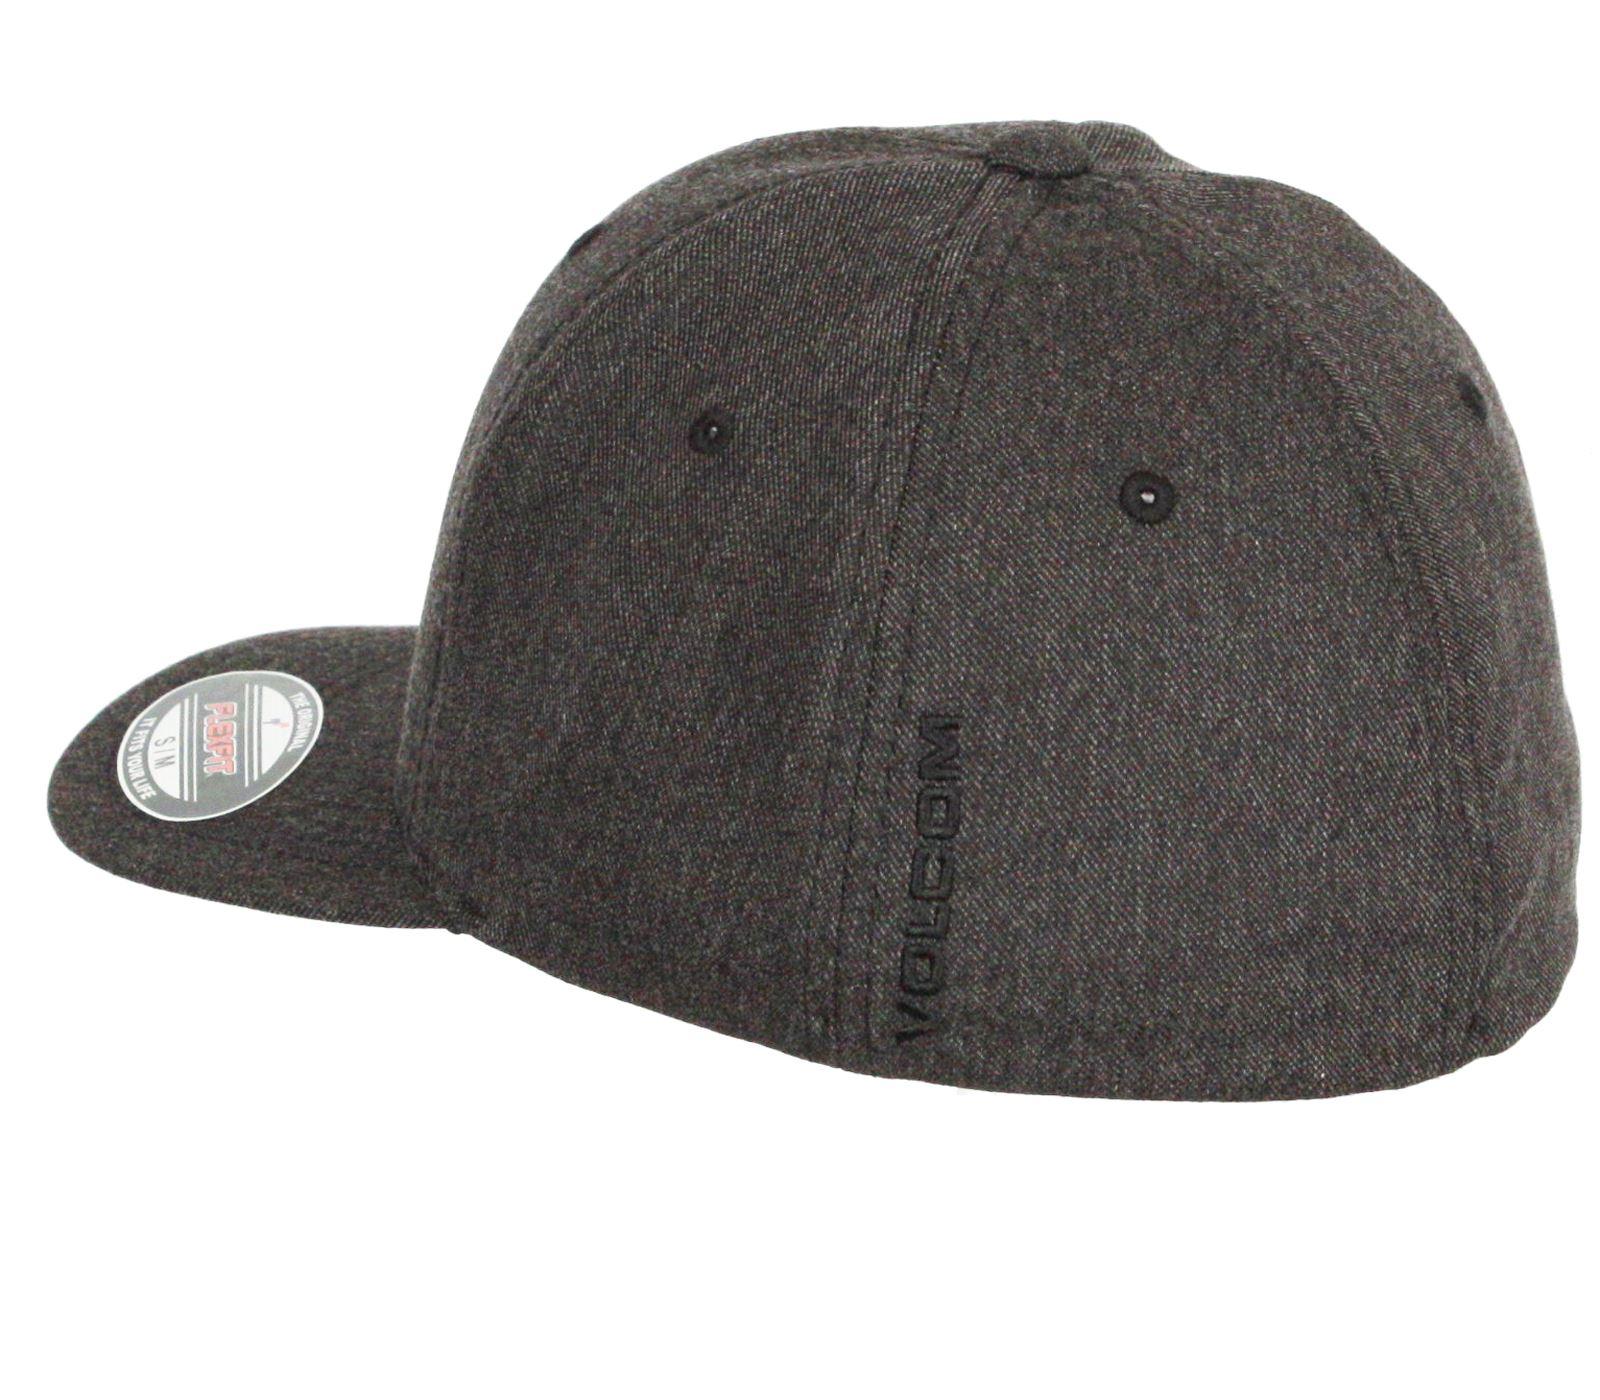 5656bb9a7fb4e Volcom Flexfit Curve Cap ~ Full Stone Heather Xfit chh